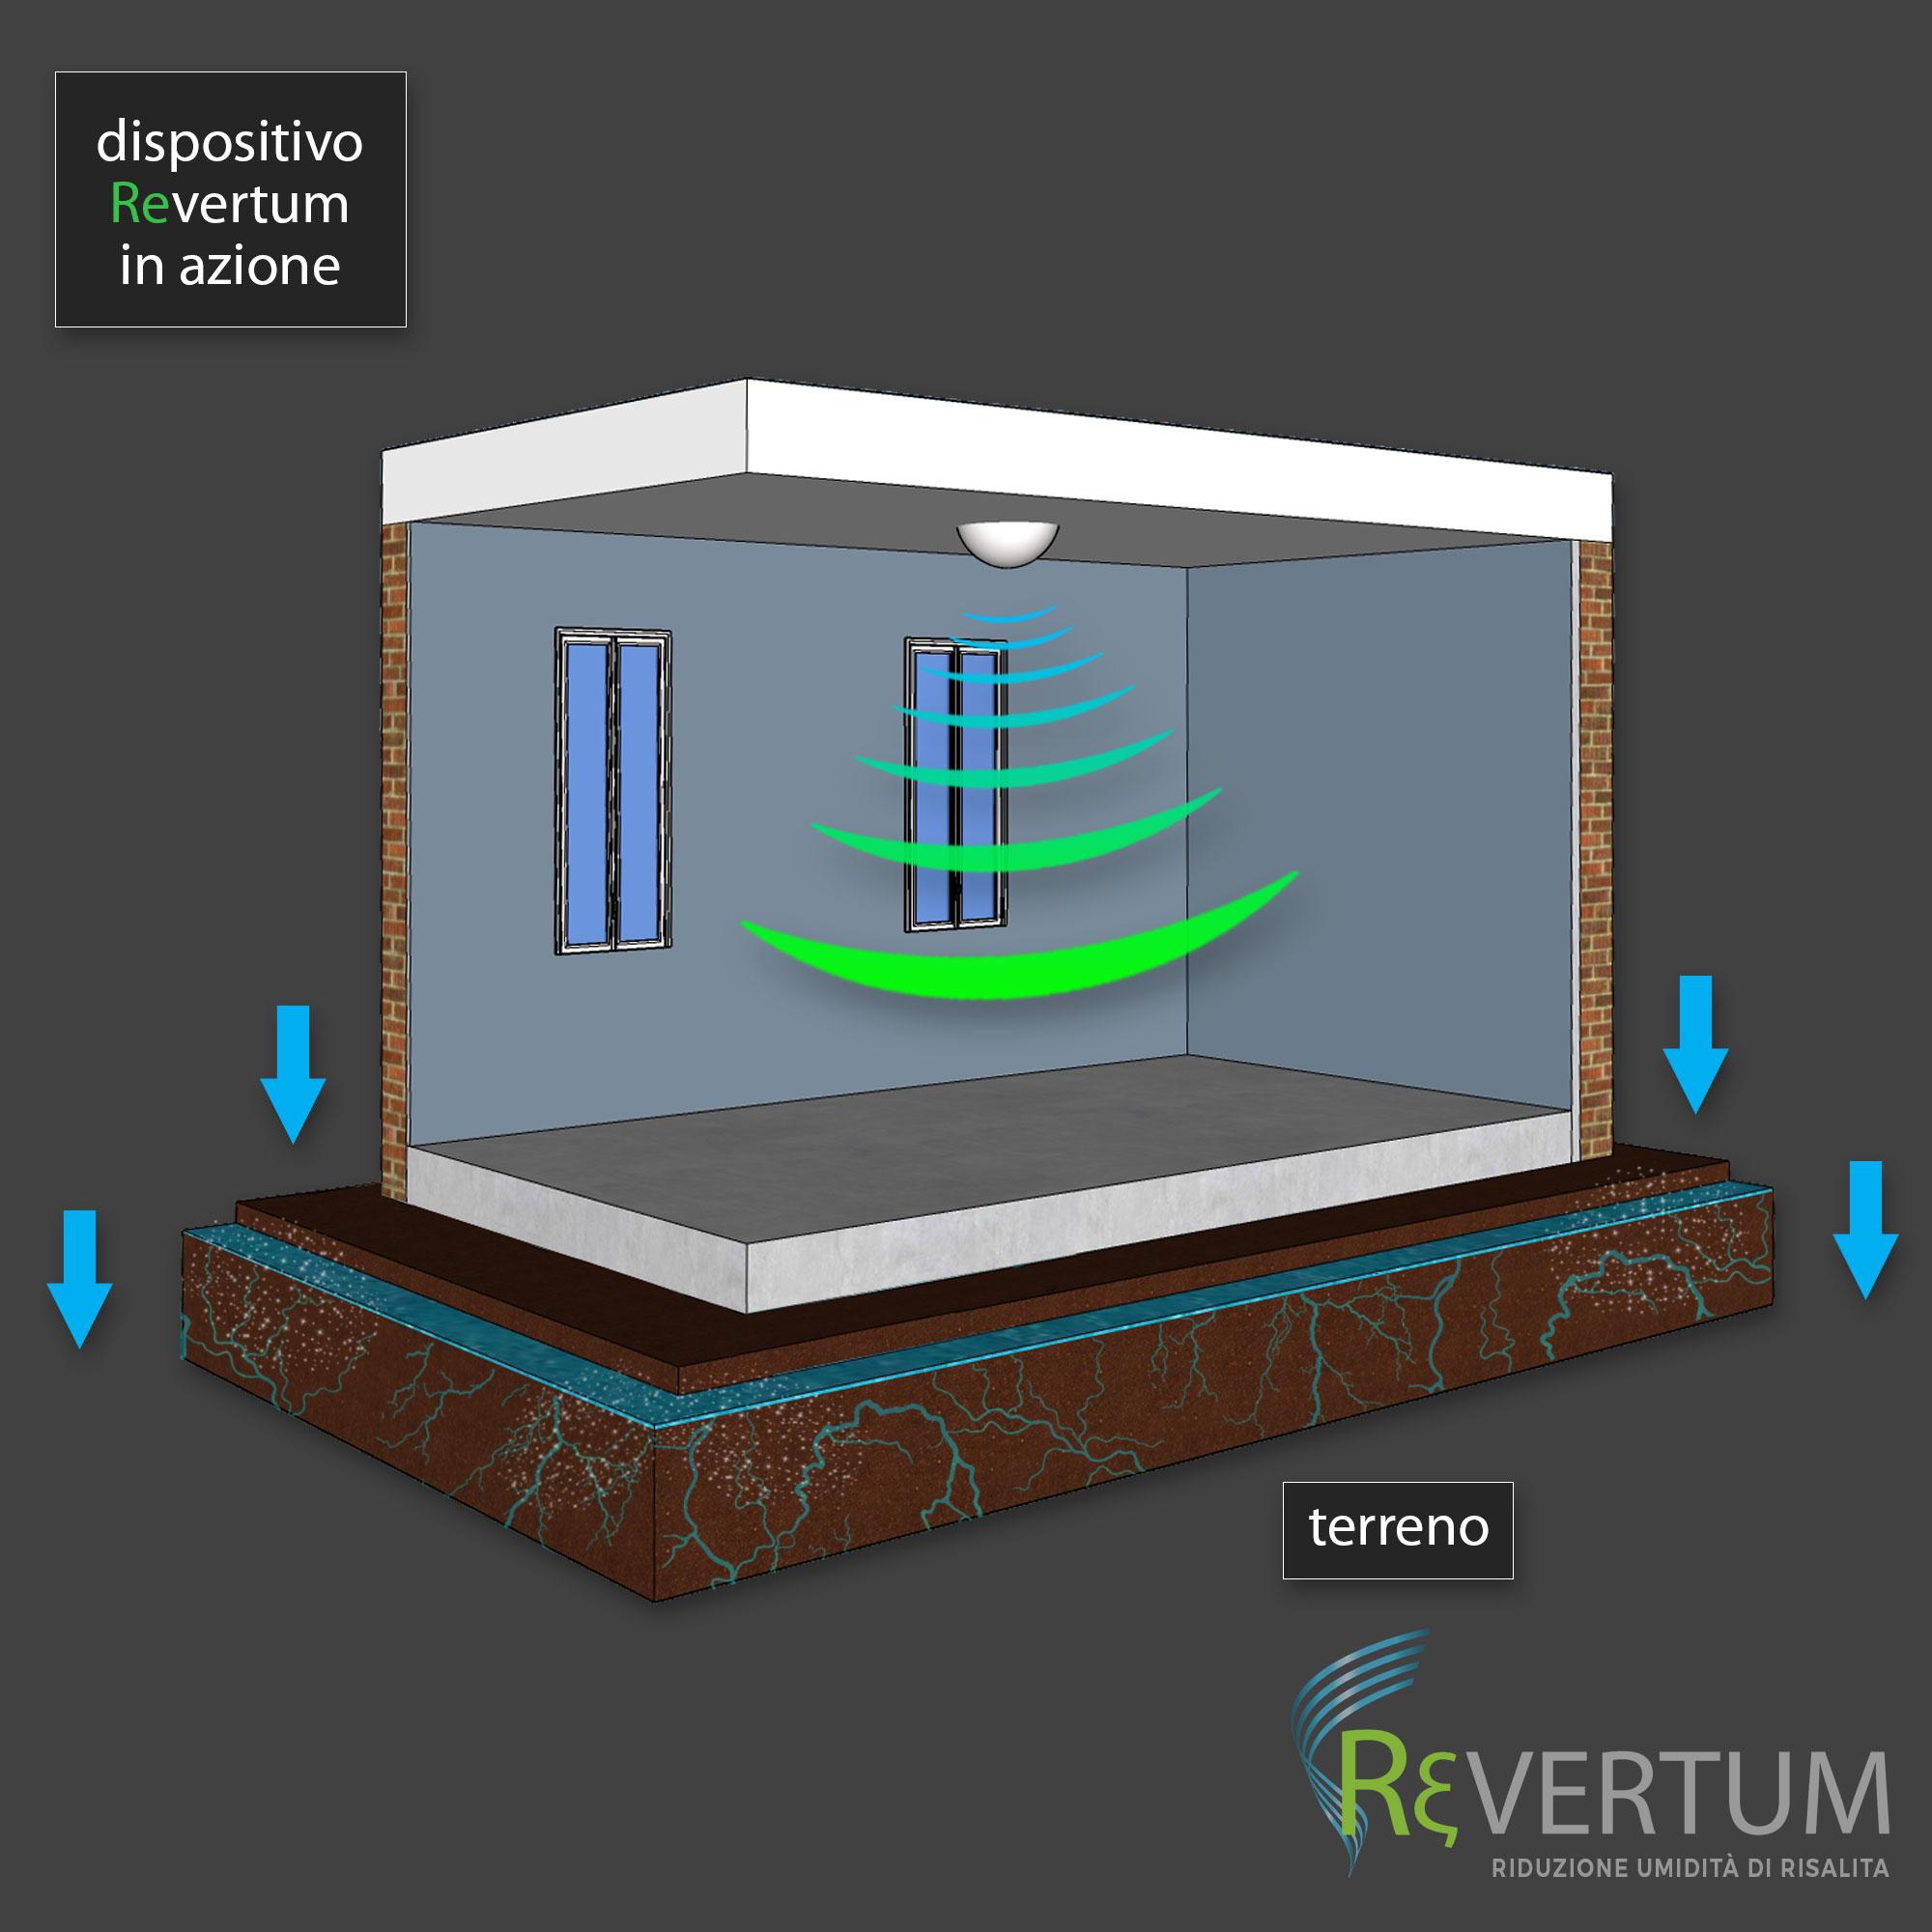 Umidita Di Risalita Come Risolvere revertum - soluzione umidità di risalita